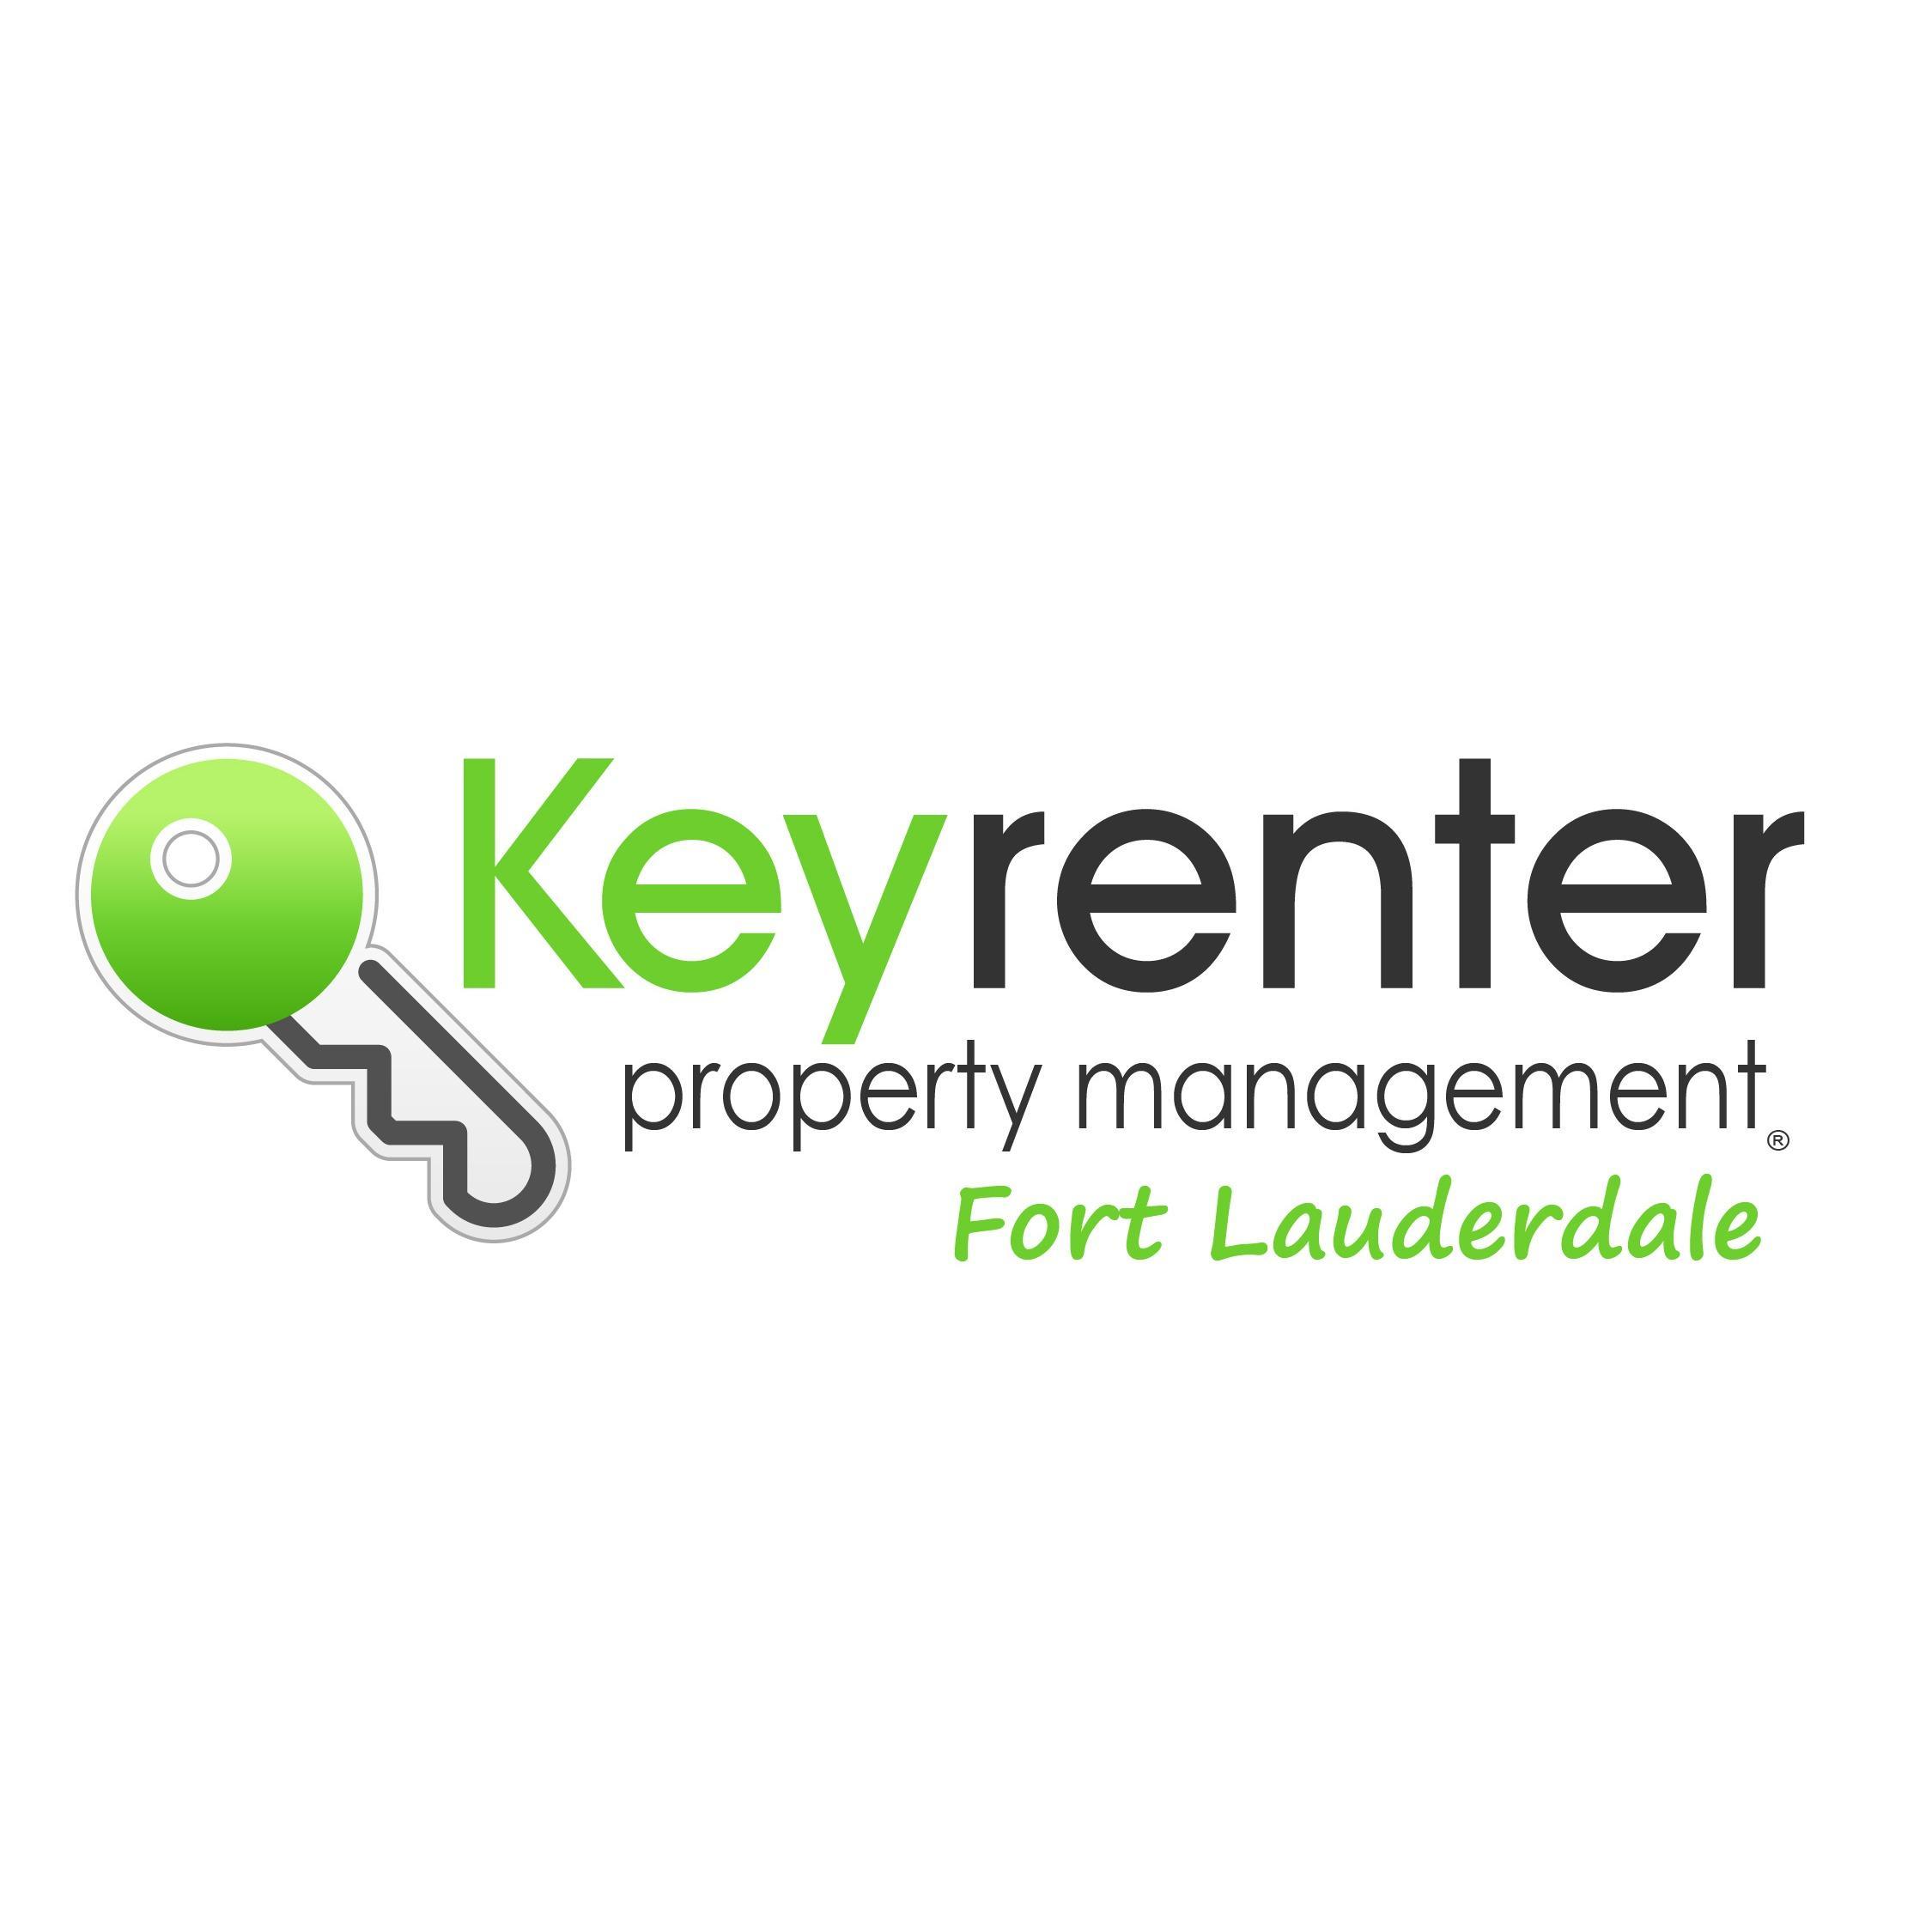 Keyrenter Property Management Fort Lauderdale